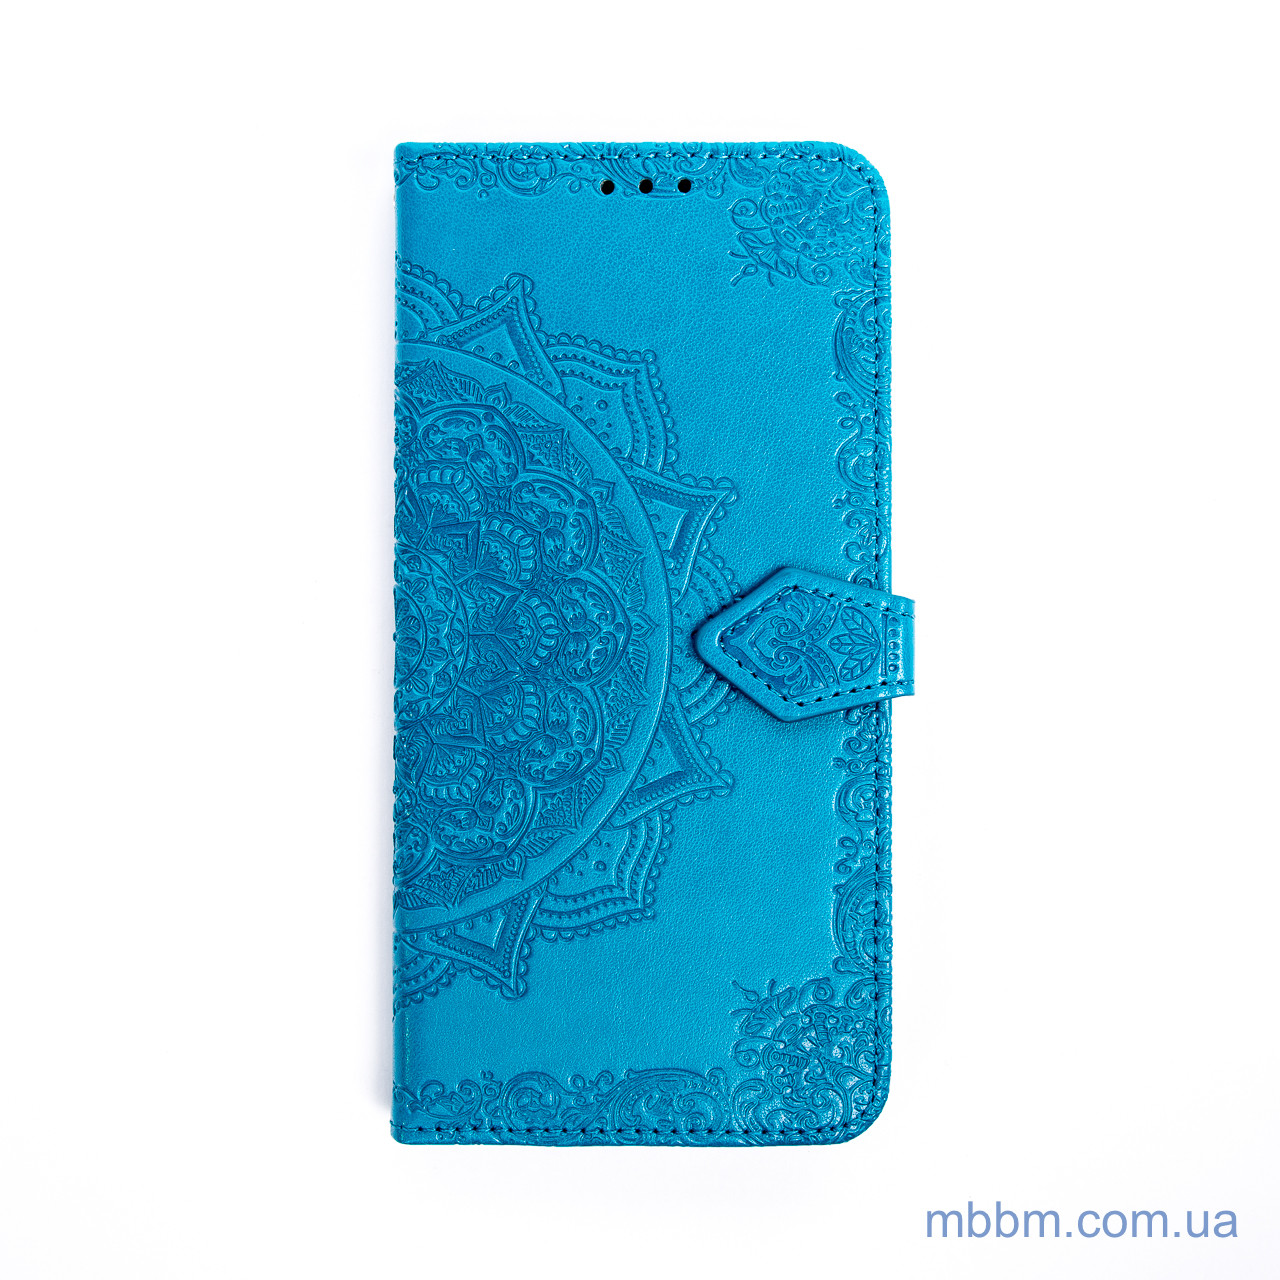 Чехол Art Case с визитницей Xiaomi Redmi Note 8t Blue